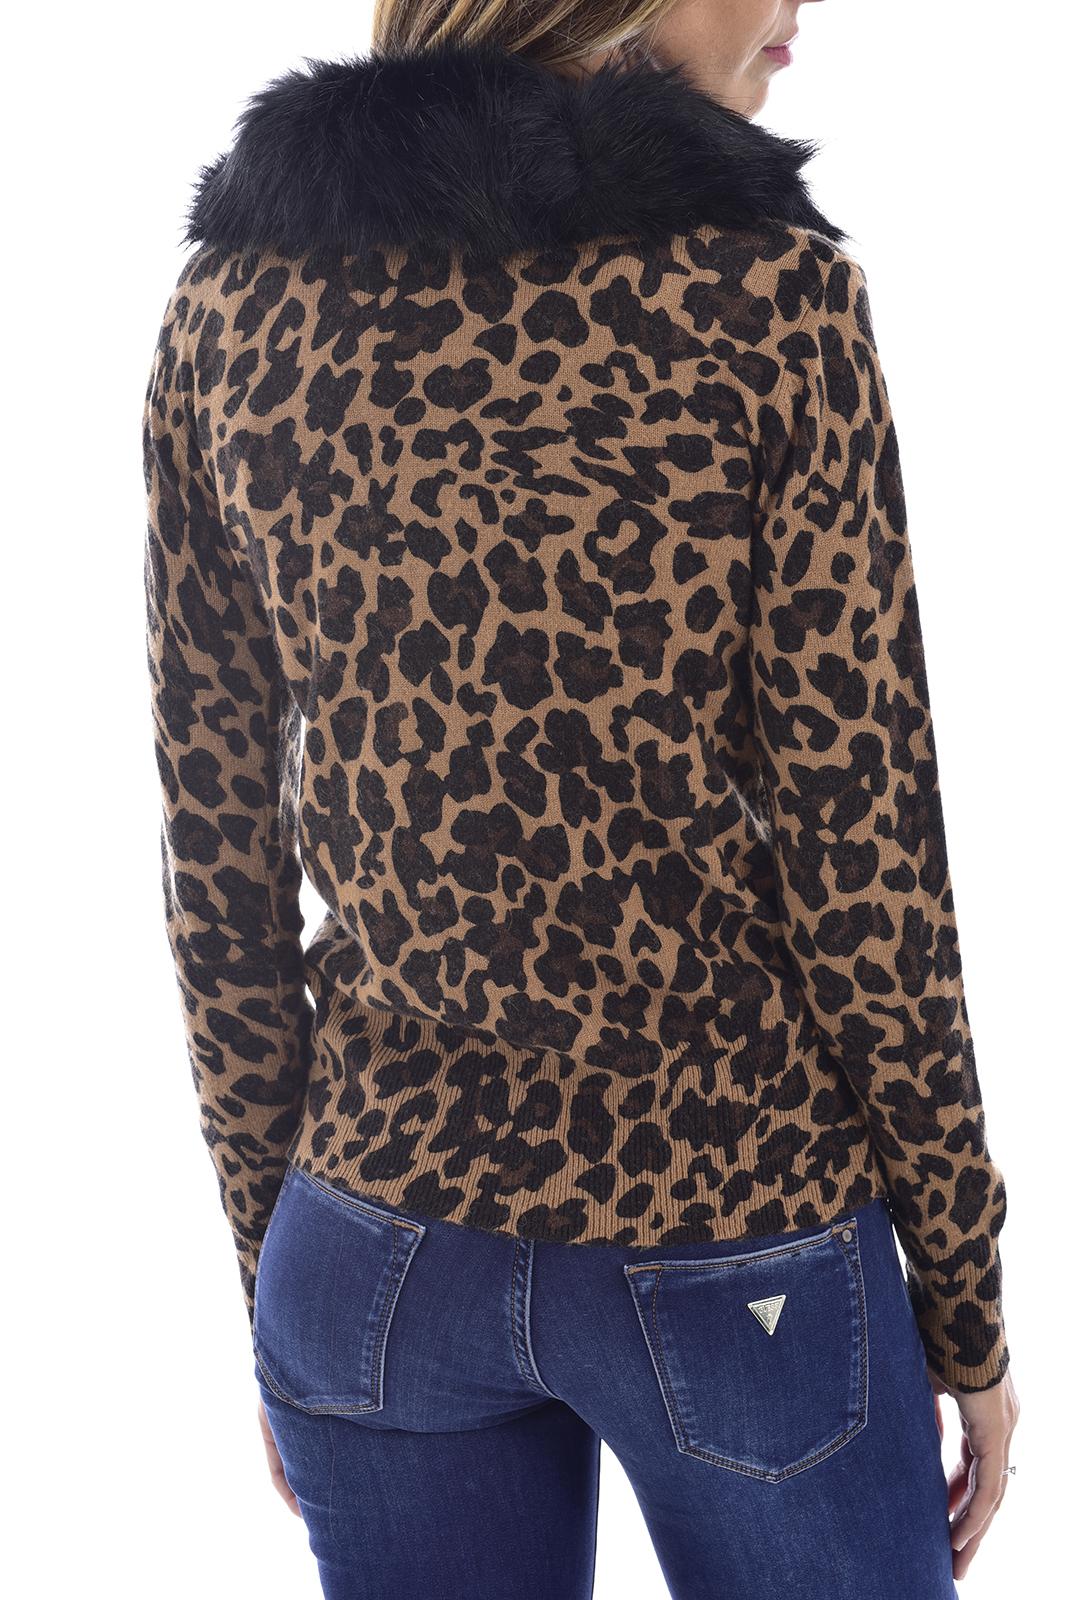 Gilet  Guess jeans W94R83Z2IJ0 BEIGE LEOPARD COMBO